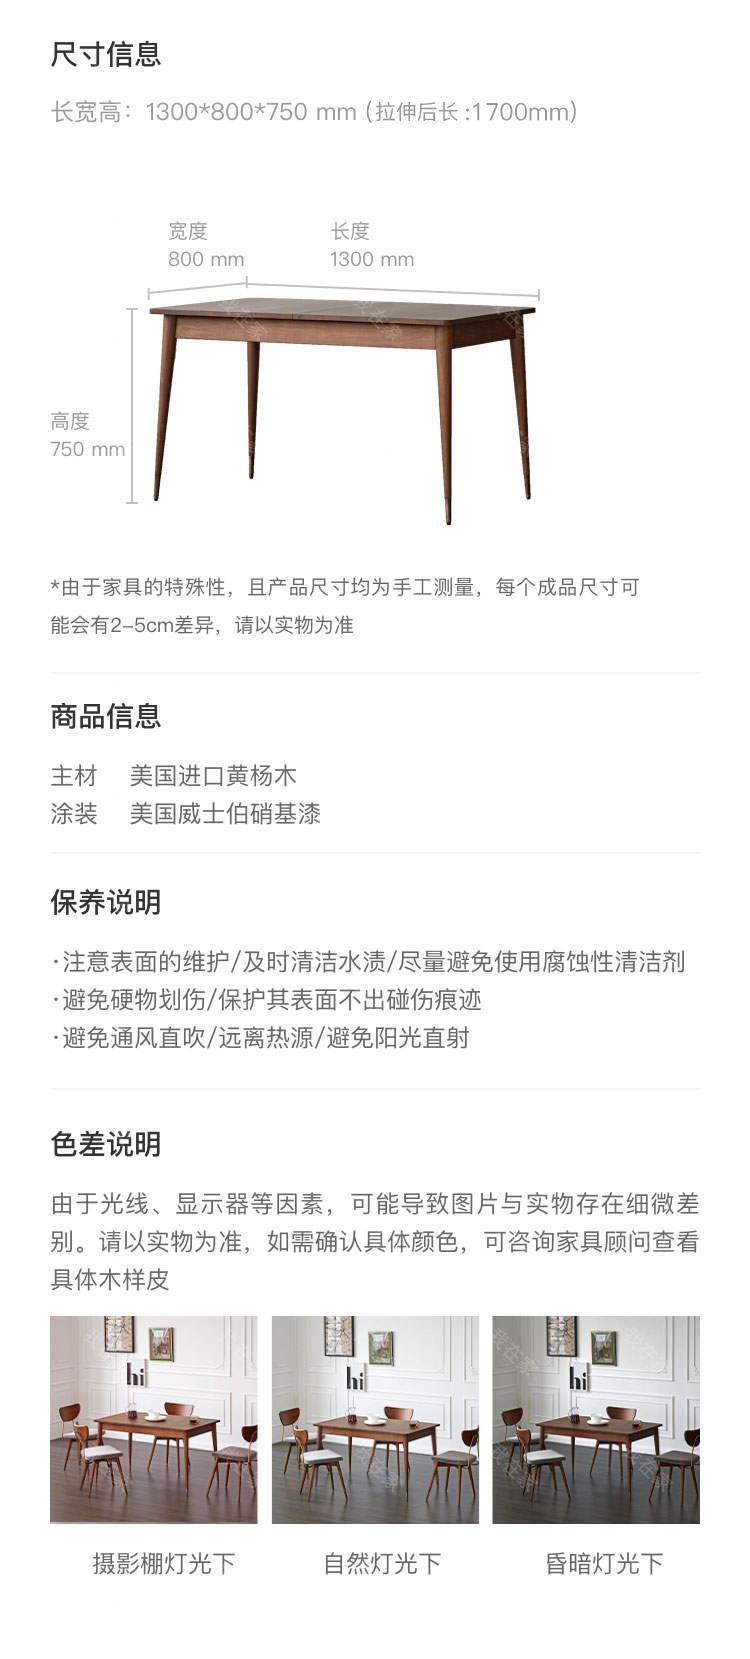 中古风风格马德里拉伸餐桌的家具详细介绍